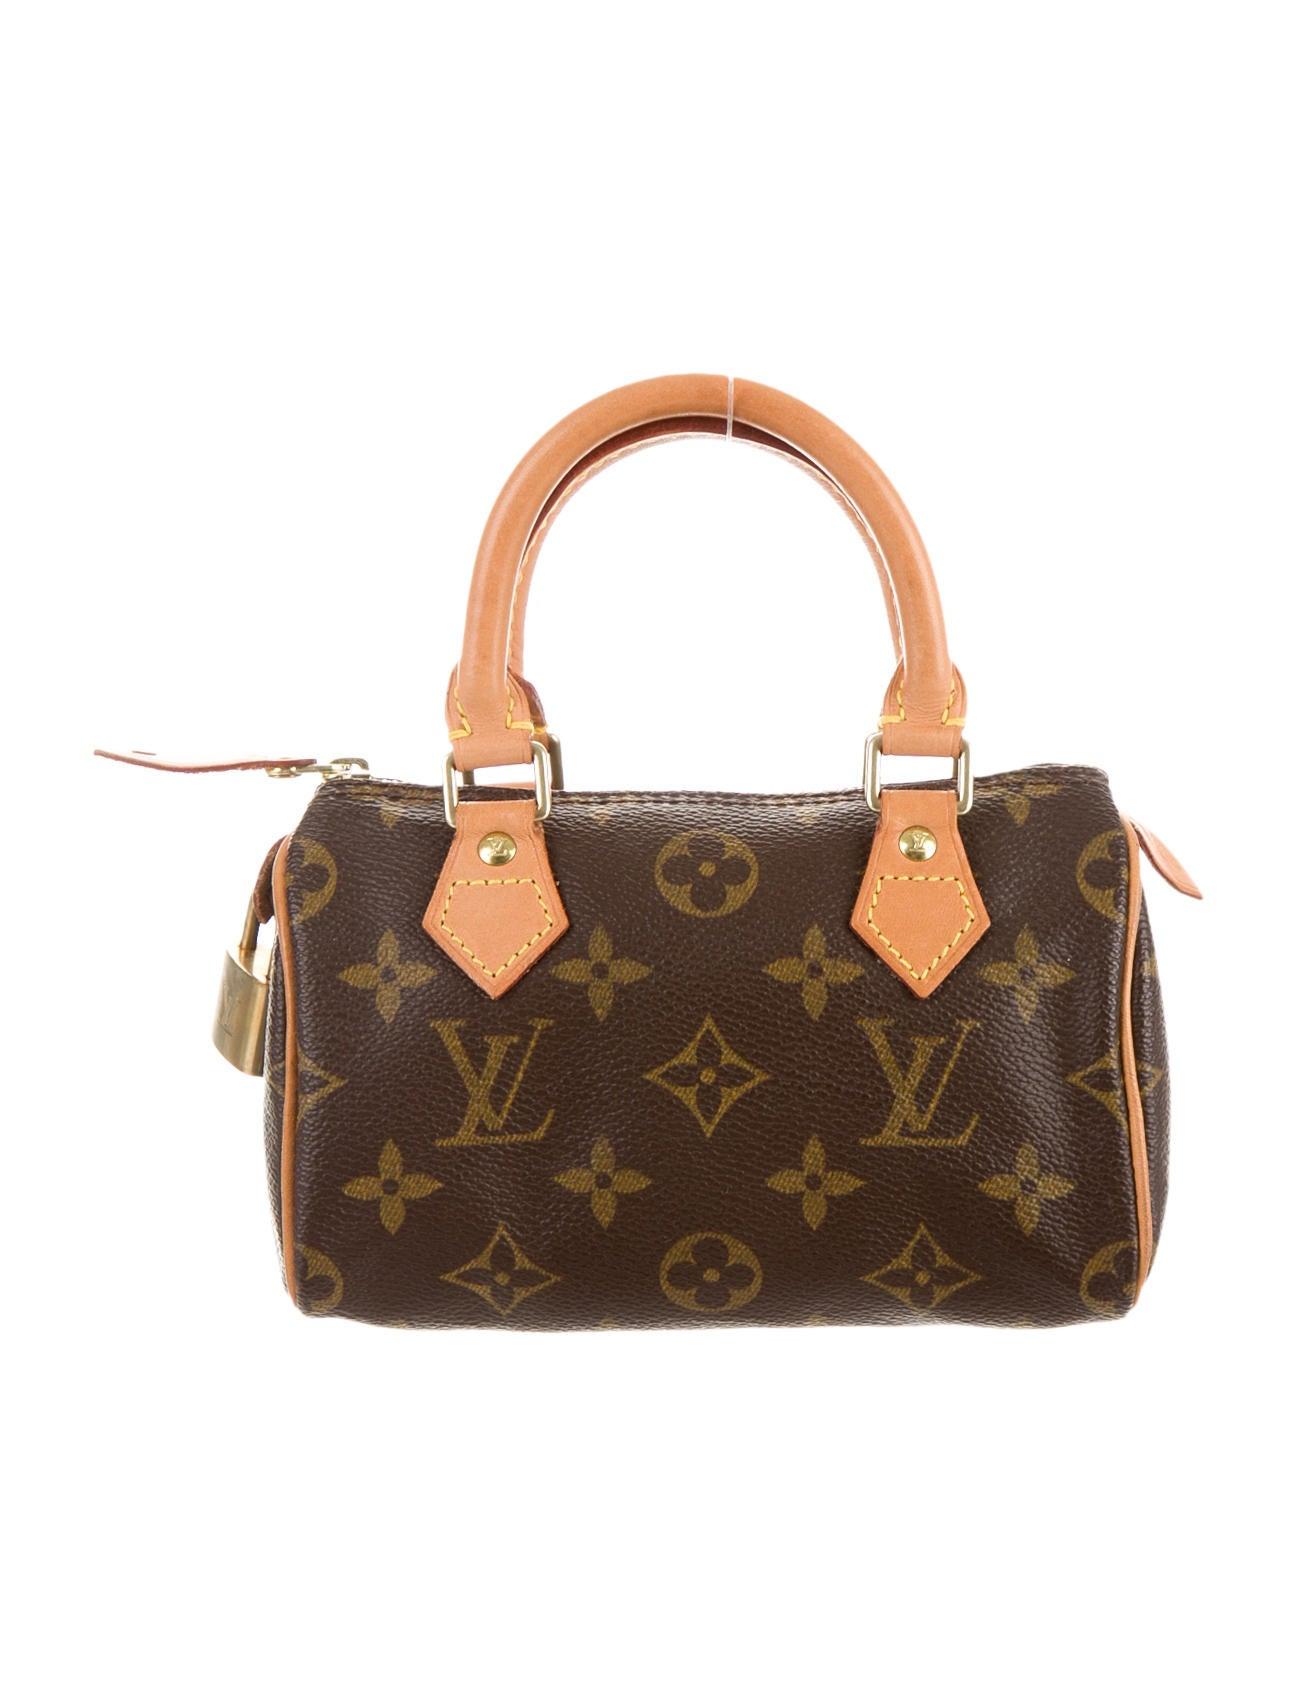 3226c6a57 Louis Vuitton Mini HL Speedy Bag - Handbags - LOU69297 | The RealReal